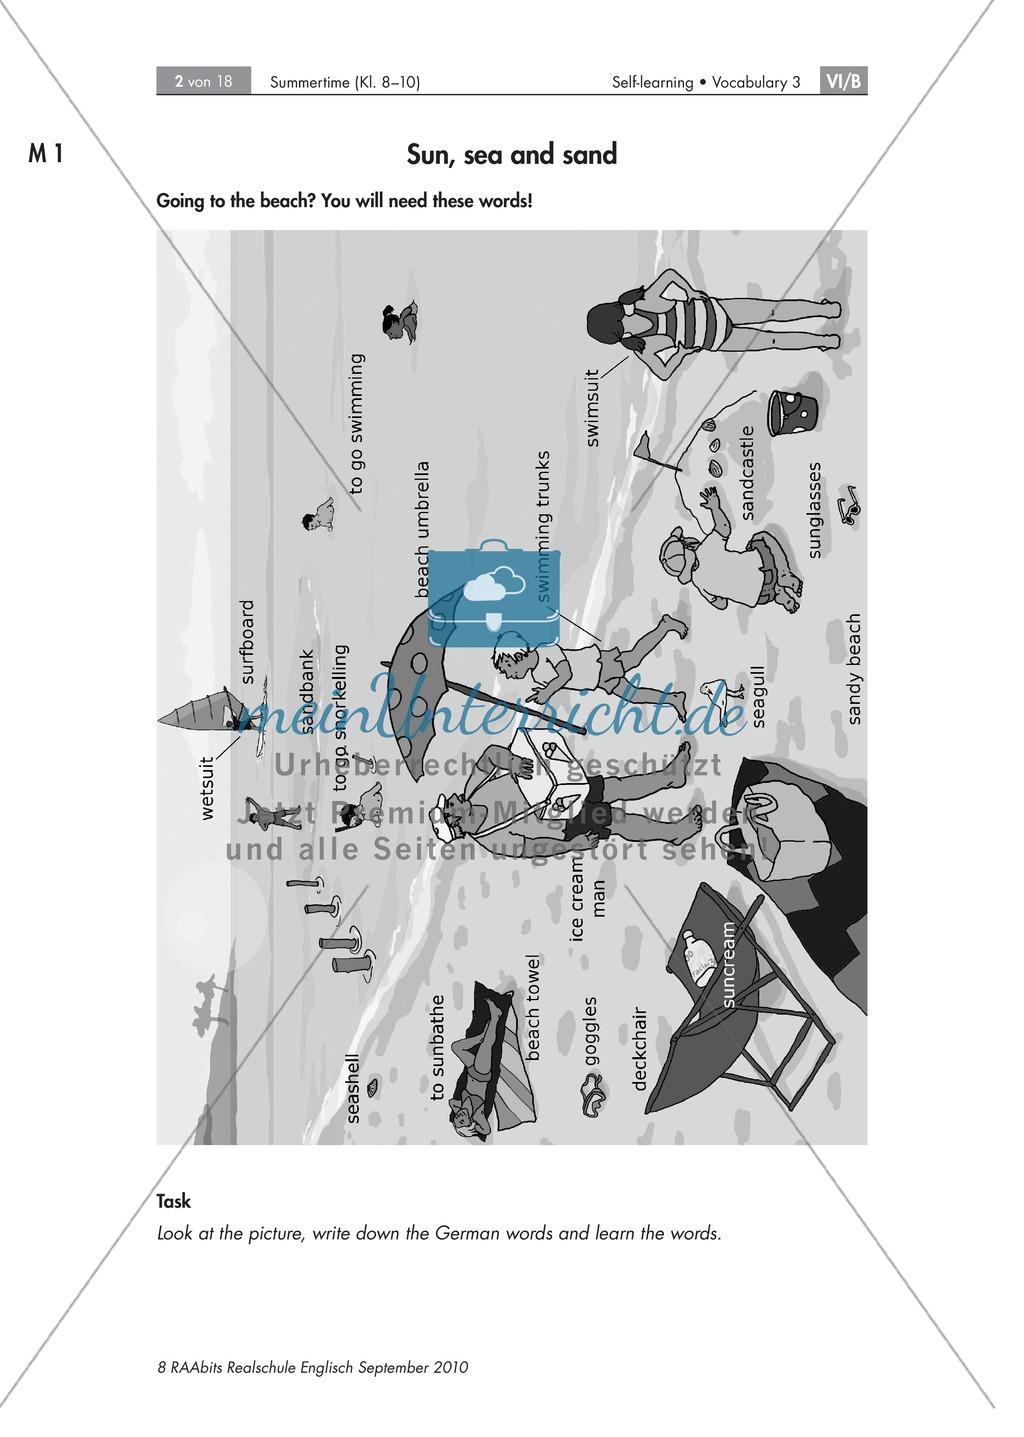 Summertime: Wortschatz zum Thema Sommer und Strand. Enthält eine Grafik und didaktische Erläuterungen. Preview 1